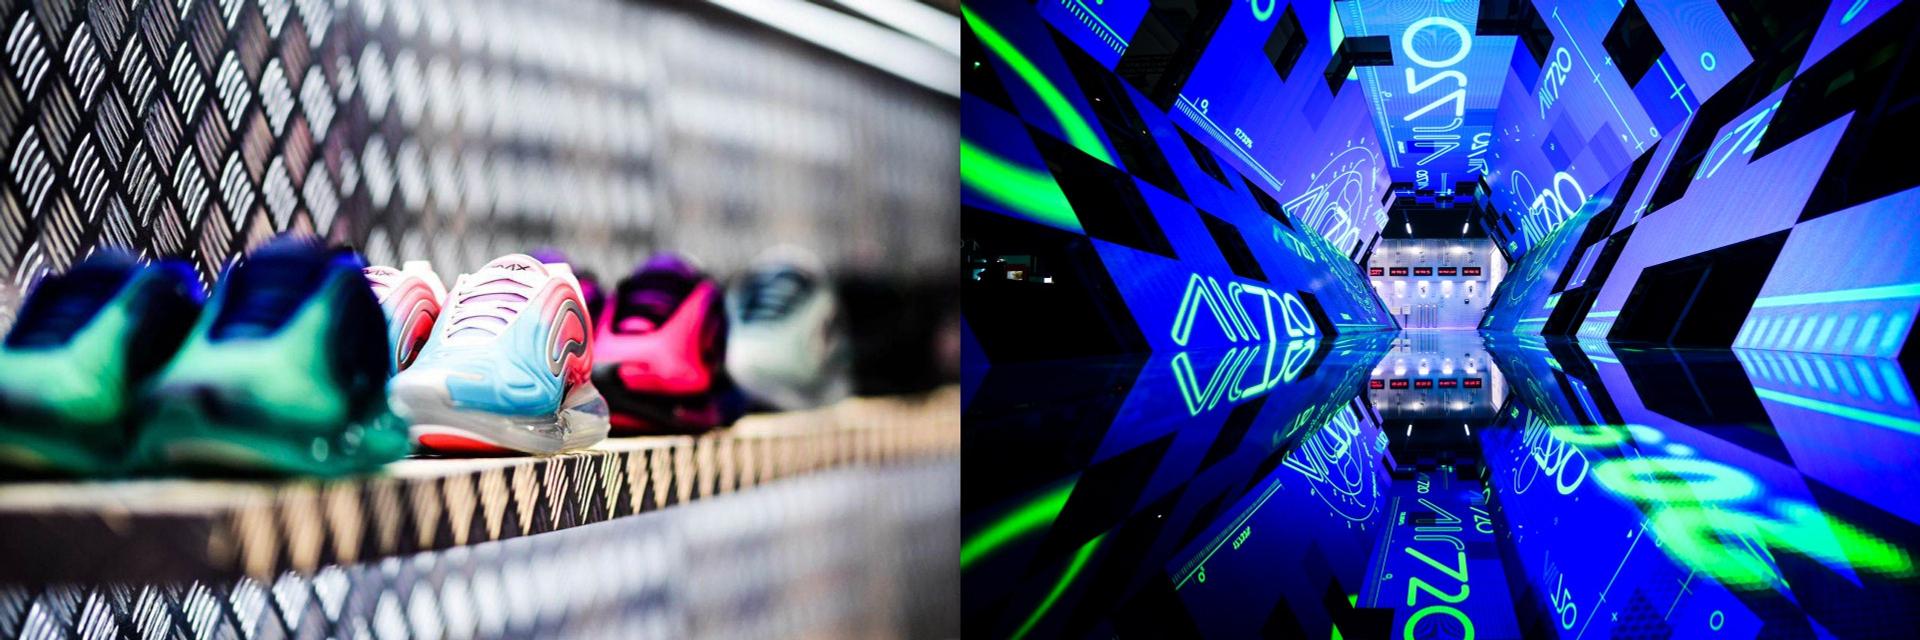 現場直擊|前進北京 Nike AIR MAX DAY 預覽會!今年紅的就是這些鞋!